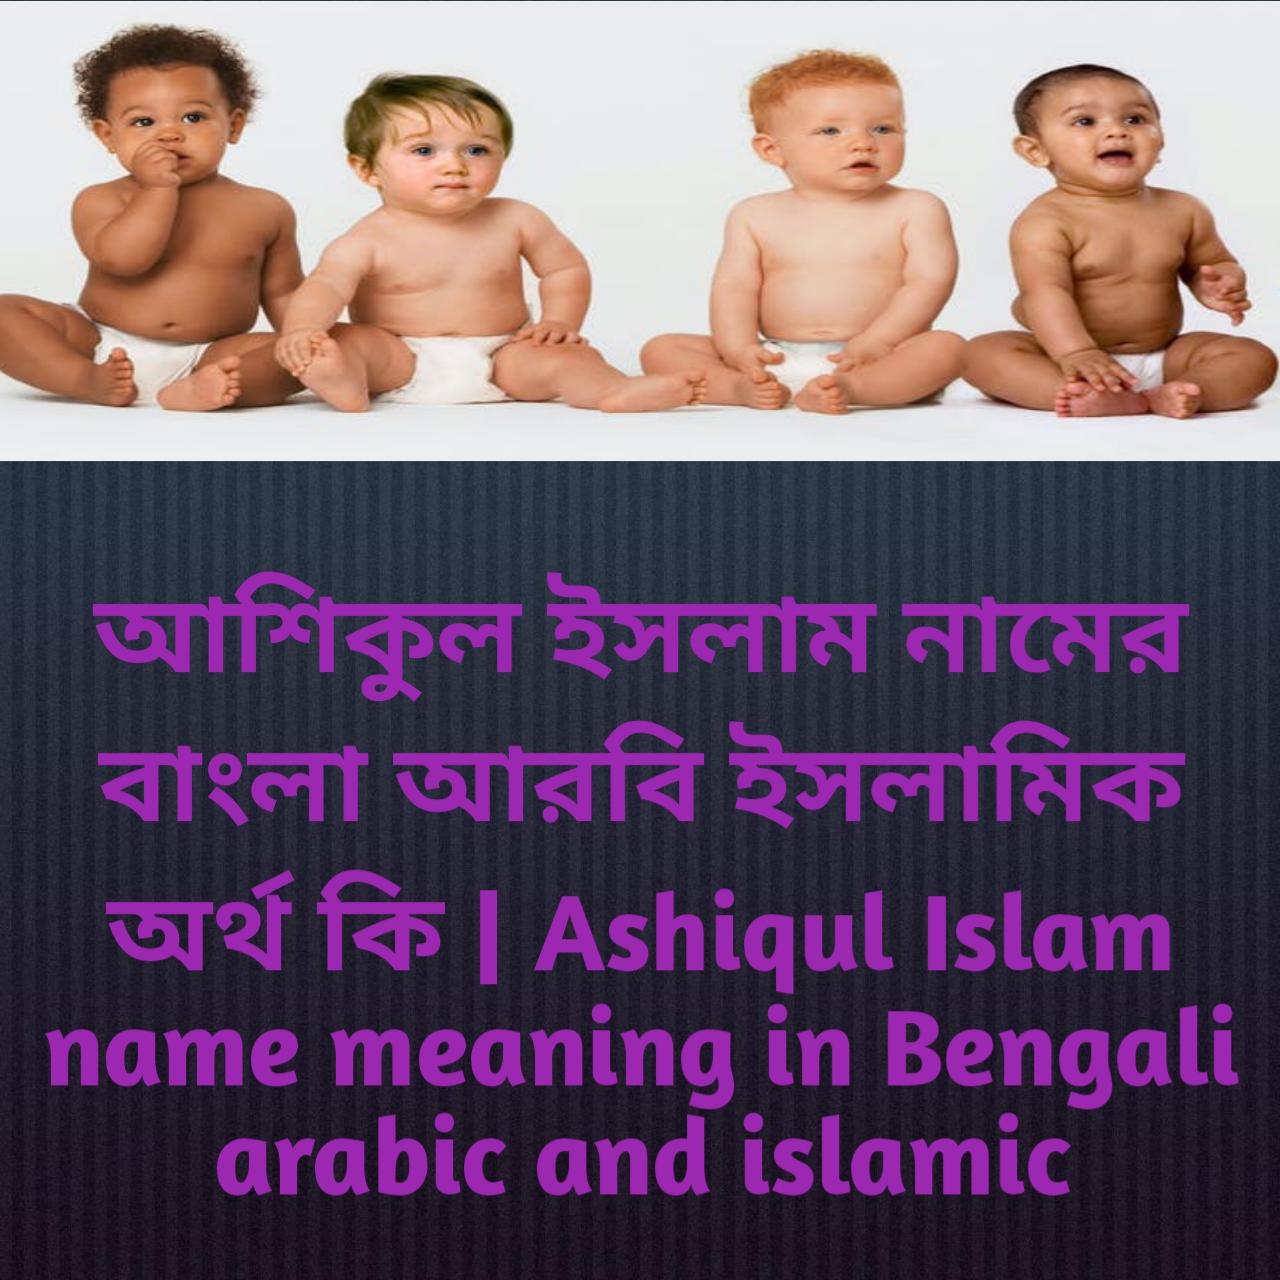 আশিকুল ইসলাম নামের অর্থ কি, আশিকুল ইসলাম নামের বাংলা অর্থ কি, আশিকুল ইসলাম নামের ইসলামিক অর্থ কি, Ashiqul Islam name meaning in Bengali, আশিকুল ইসলাম কি ইসলামিক নাম,